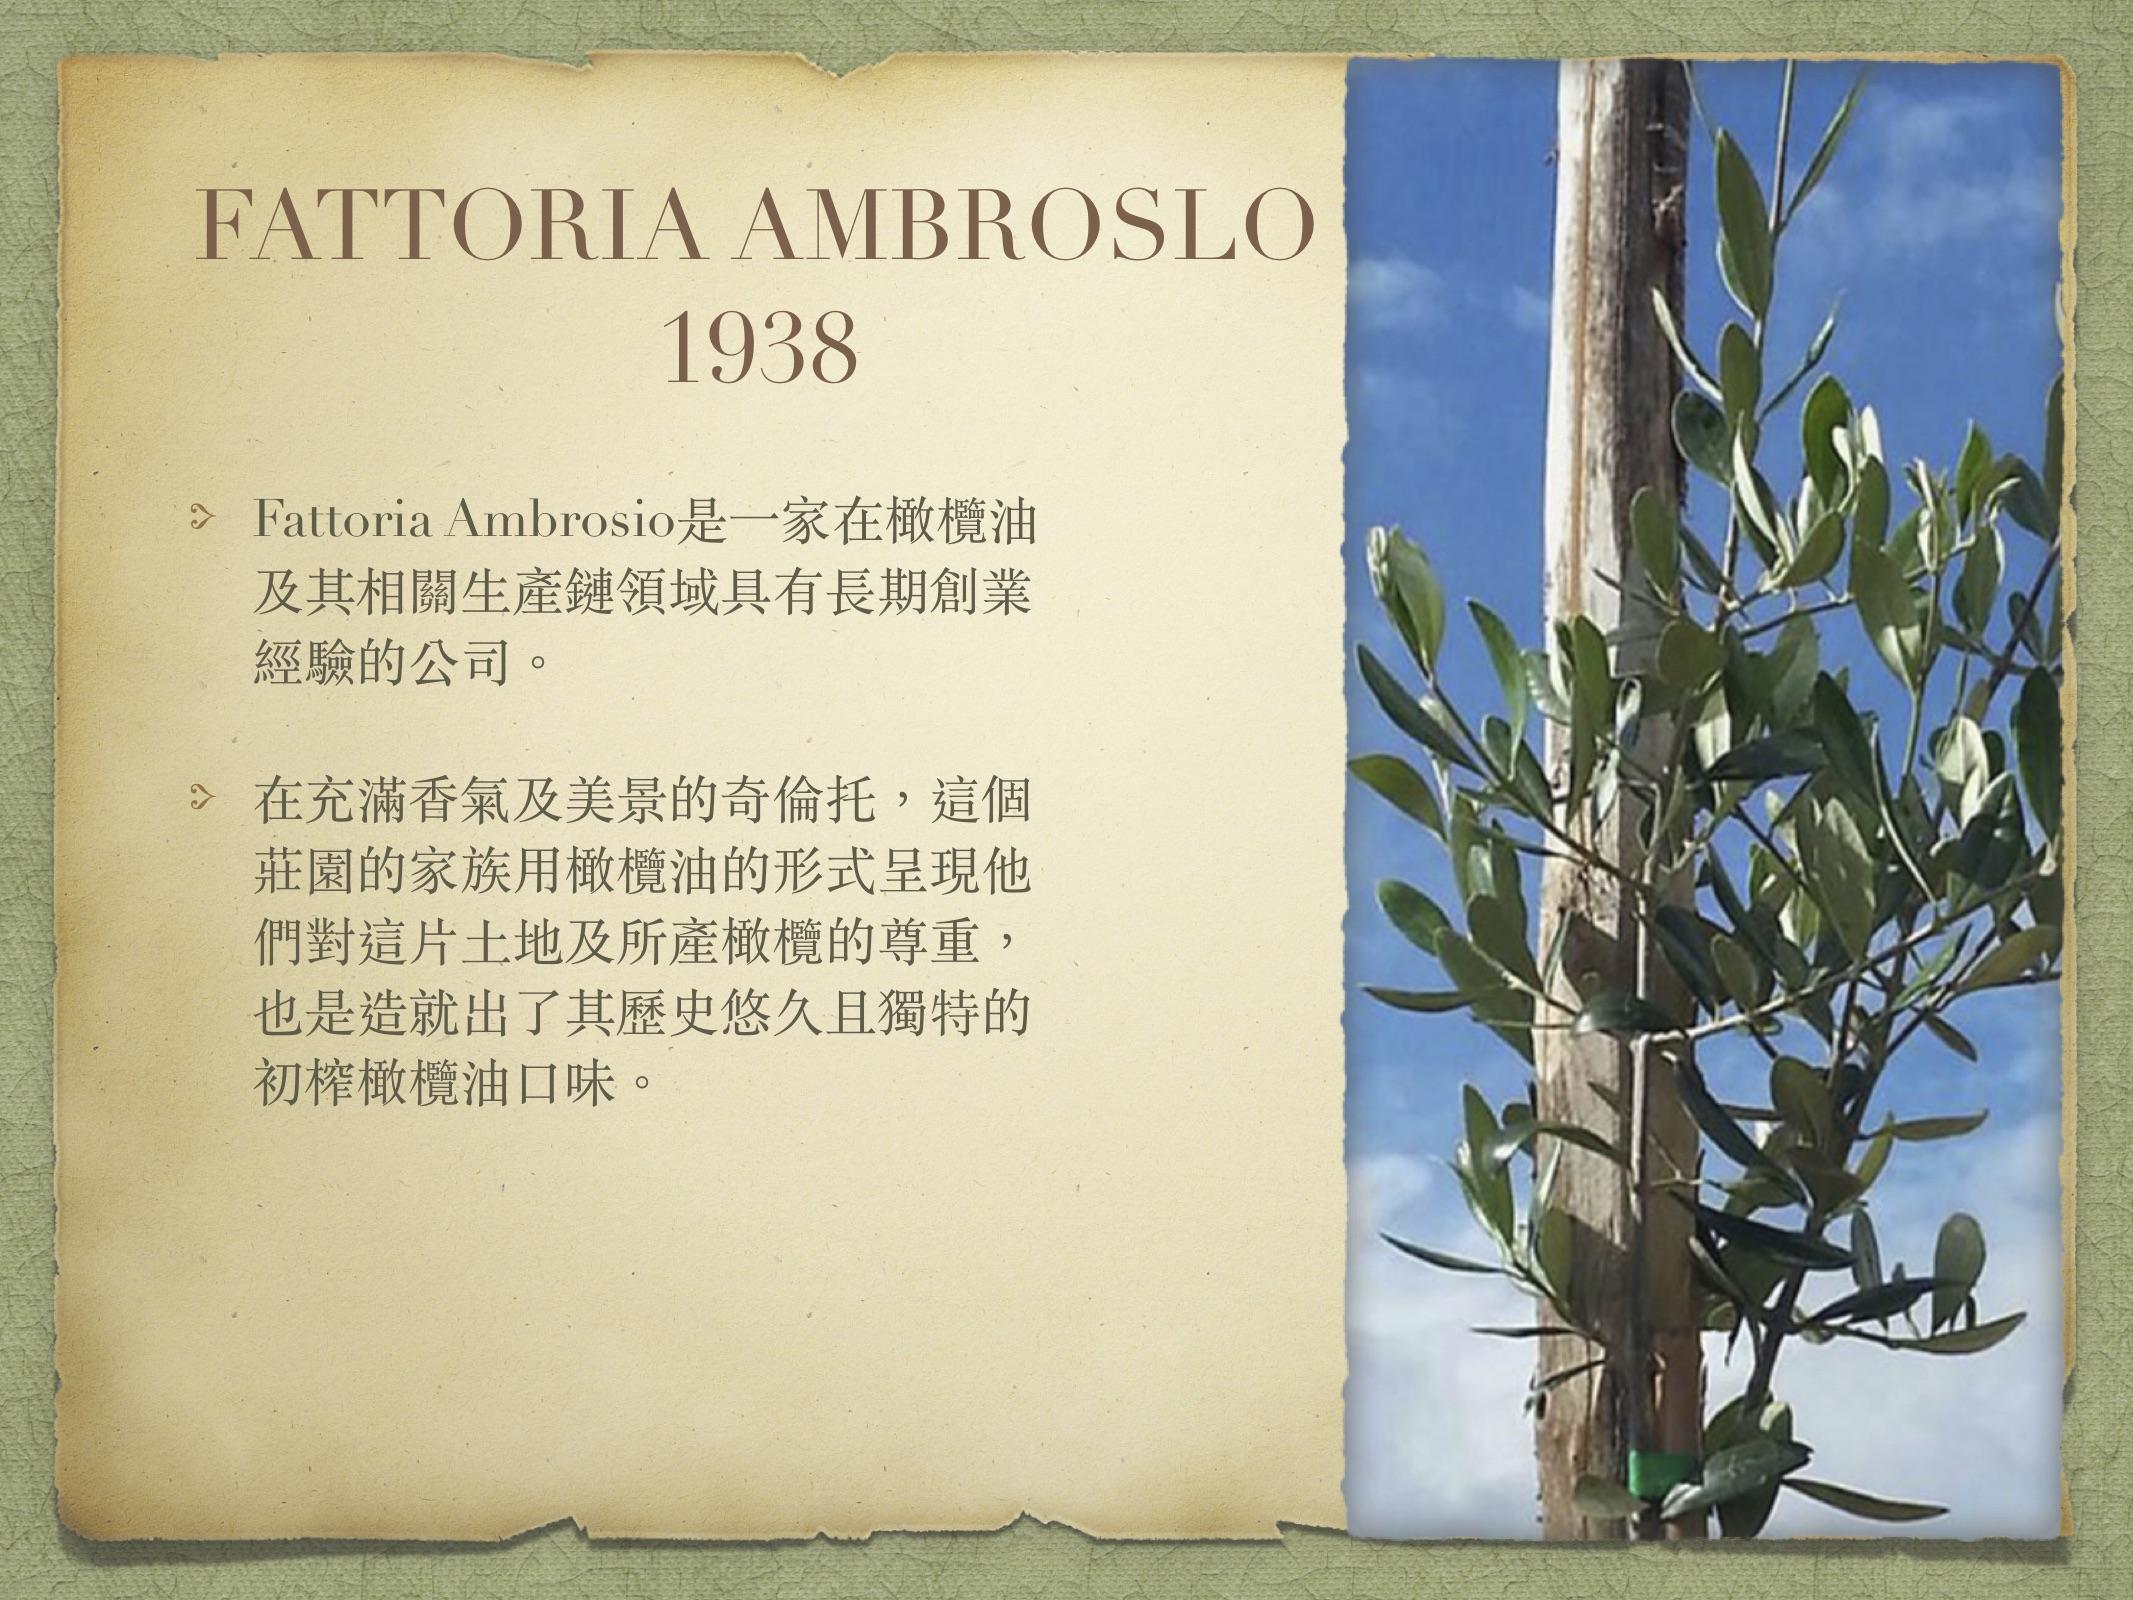 FATTORIA AMBROSLO(已拖移) 2.jpg